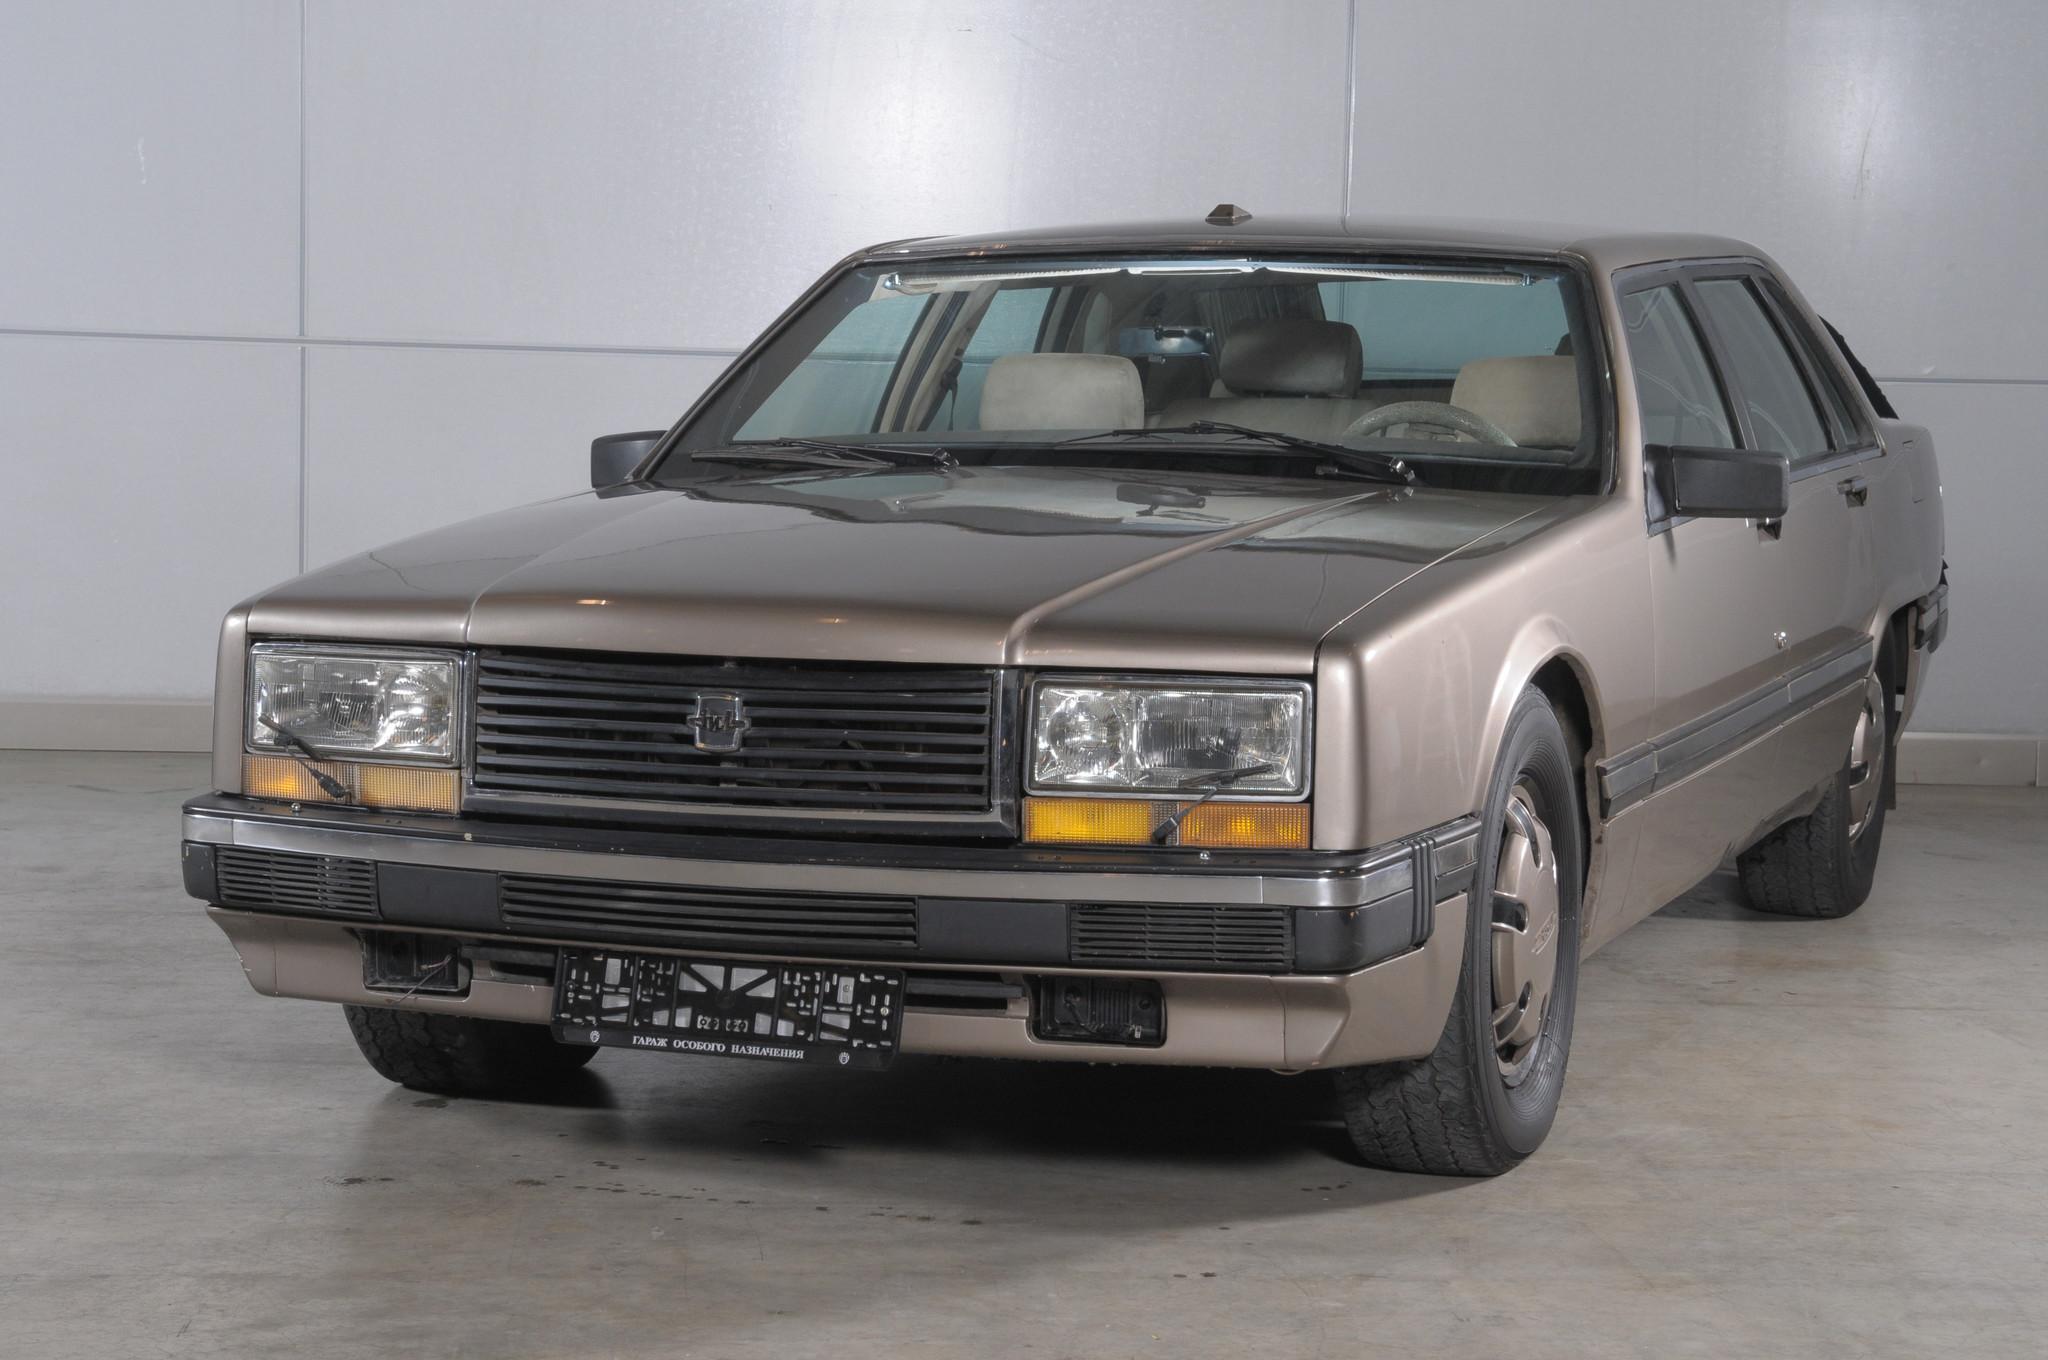 ЗИЛ-4102 был создан в бюро по исследованию и доводке легковых автомобилей ЗИЛ. Принципиальное отличи